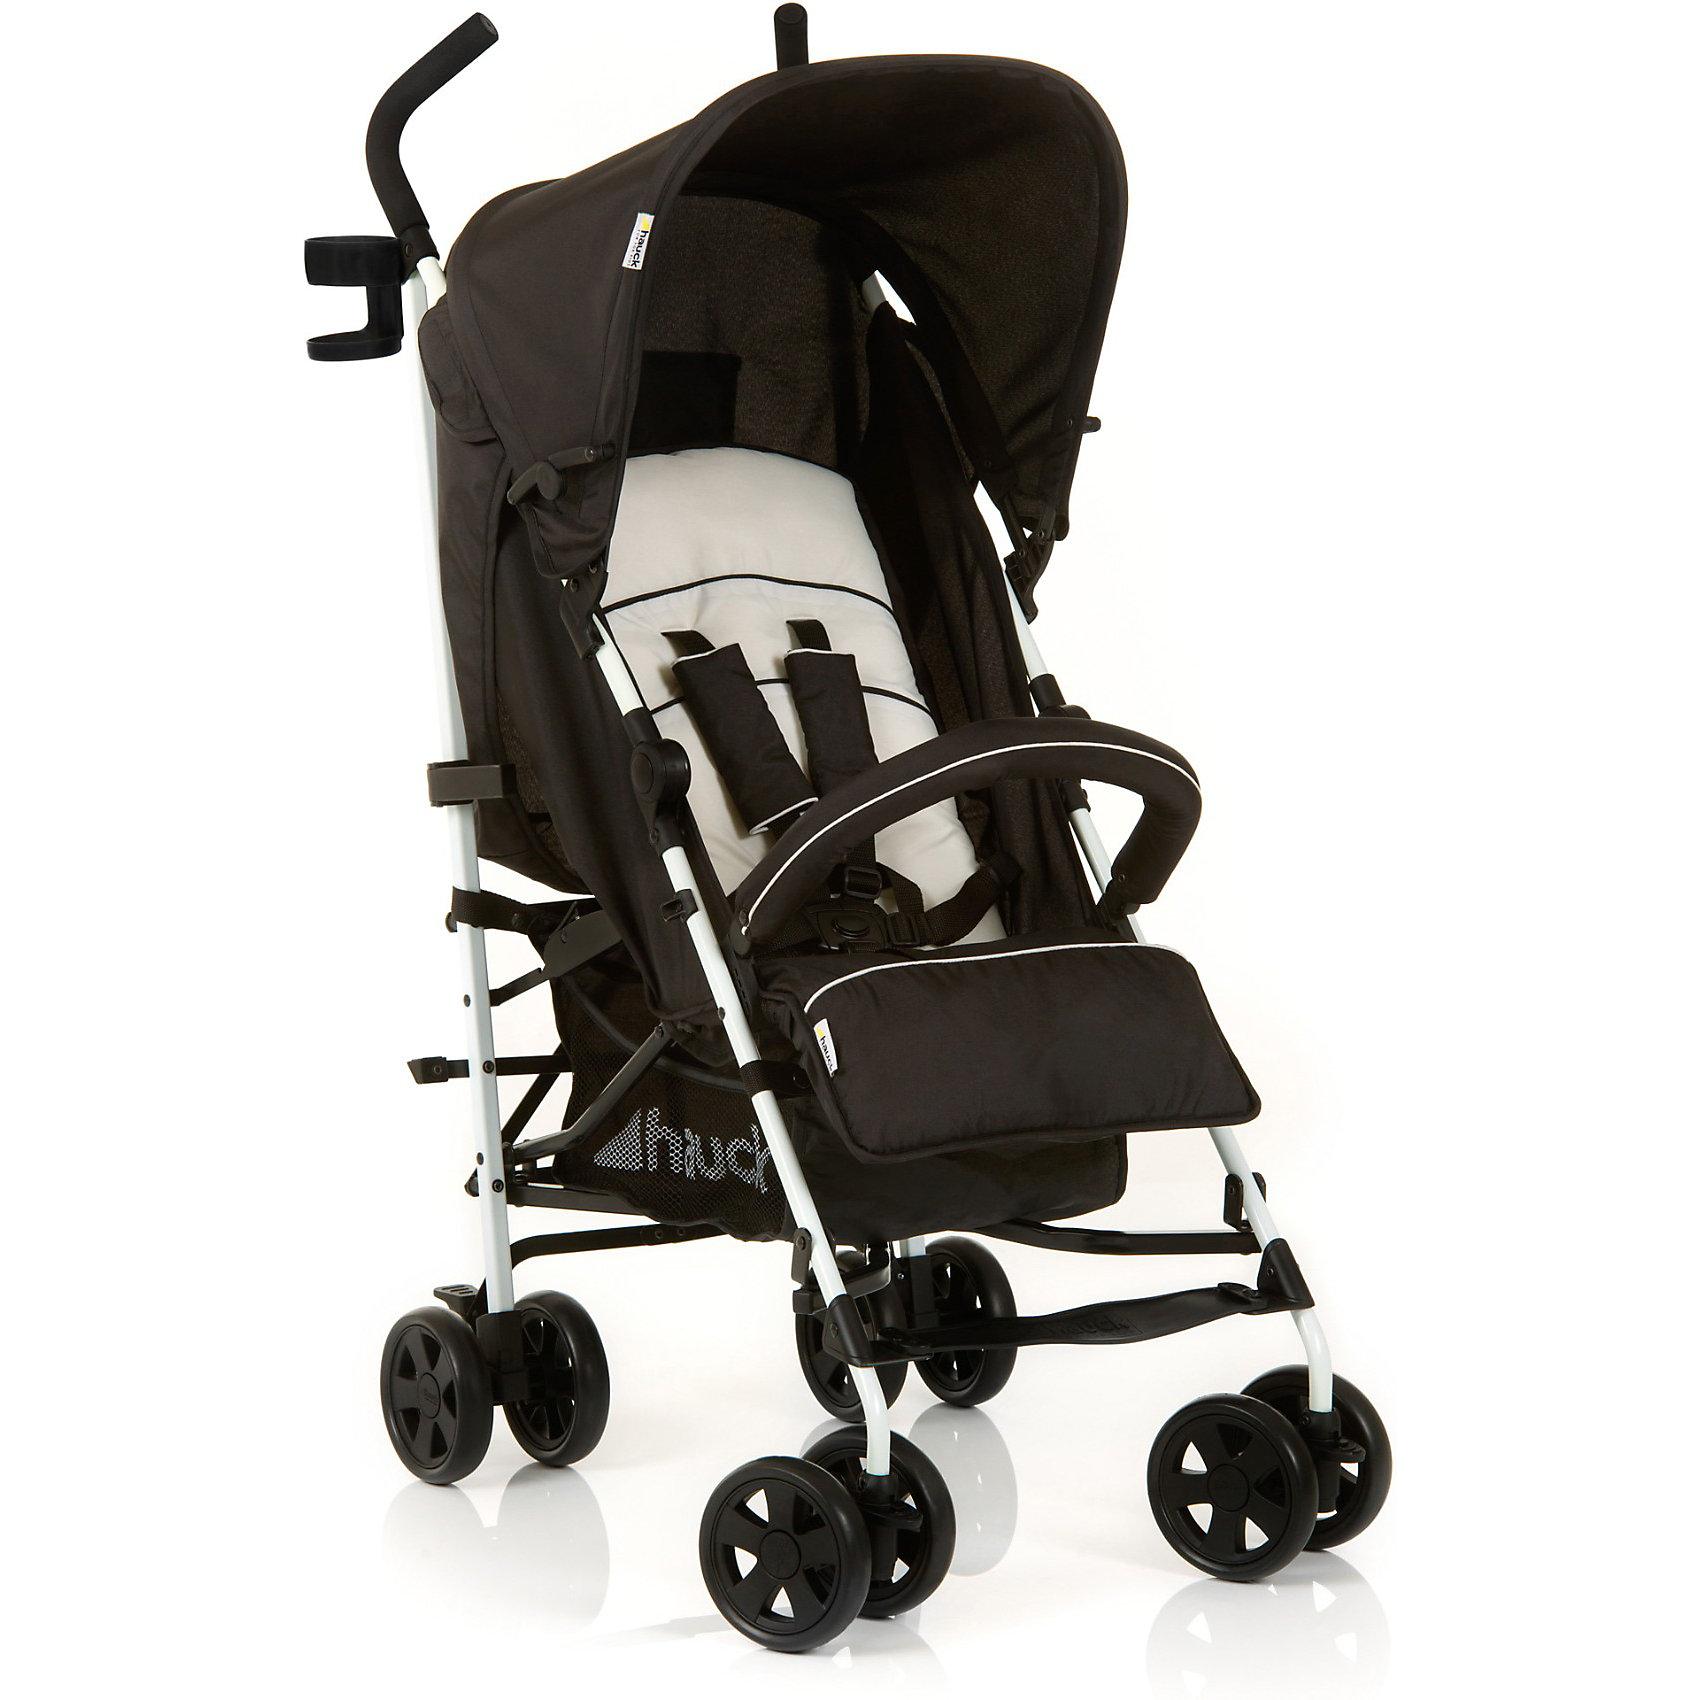 Коляска-трость SPEED PLUS, Hauck, nightХарактеристики коляски SPEED PLUS:<br><br>Прогулочный блок:<br><br>• 5-ти точечные ремни безопасности с мягкими накладками;<br>• регулируемая по высоте спинка и подножка;<br>• регулируемый капюшон;<br>• длина спального места: 83 см;<br>• ширина сиденья: 31 см;<br>• глубина сиденья: 21 см;<br>• высота спинки: 46 см;<br>• материал: пластик, полиэстер.<br><br>Рама коляски: <br><br>• подстаканник на раме;<br>• сдвоенные колеса;<br>• механизм складывания: трость;<br>• диаметр колес: 13,5 см;<br>• тип тормоза: ножной;<br>• материал рамы: алюминий;<br>• материал колес: ПВХ.<br><br>Размеры: <br><br>• размер коляски: 78х46х108 см;<br>• размер в сложенном виде: 108х34х27 см;<br>• вес коляски: 7,4 кг;<br>• вес в упаковке: 8 кг.<br><br>Коляску-трость SPEED PLUS, Hauck, night можно купить в нашем интернет-магазине.<br><br>Ширина мм: 990<br>Глубина мм: 295<br>Высота мм: 225<br>Вес г: 8754<br>Цвет: черный<br>Возраст от месяцев: 6<br>Возраст до месяцев: 36<br>Пол: Унисекс<br>Возраст: Детский<br>SKU: 3768802